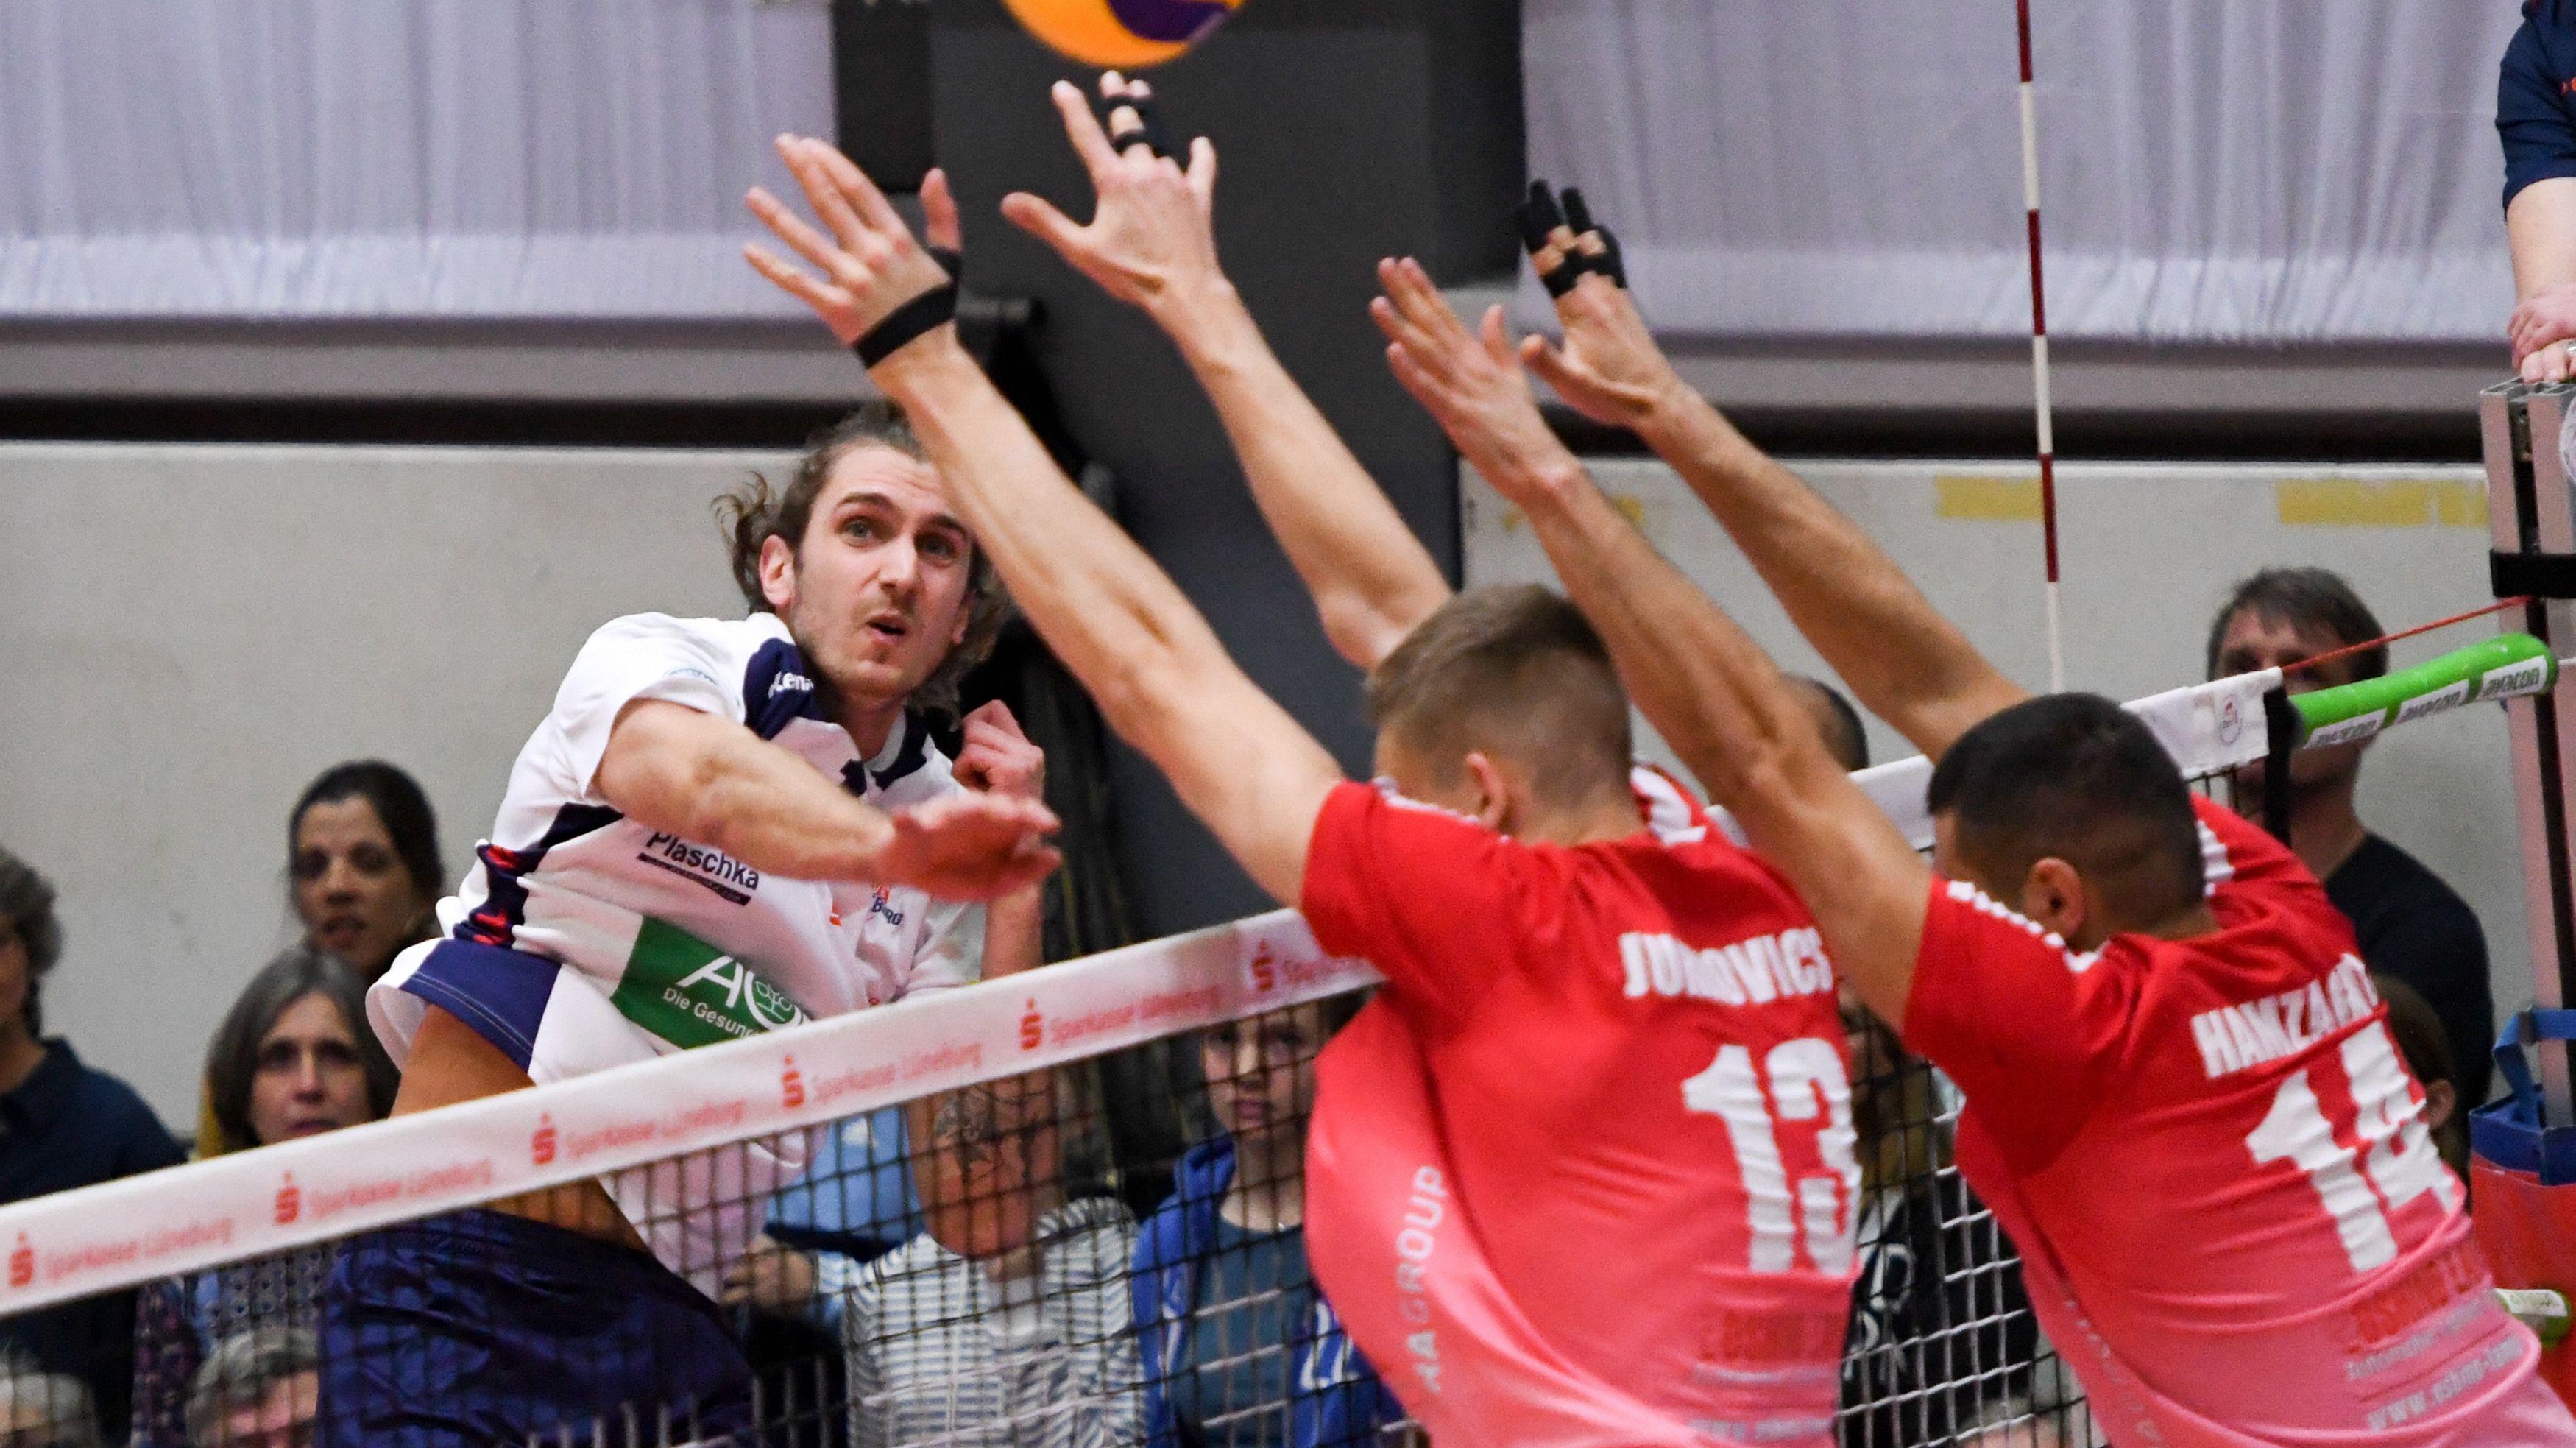 Spielbetrieb bei insolventen Heitec Volleys Eltmann geht weiter